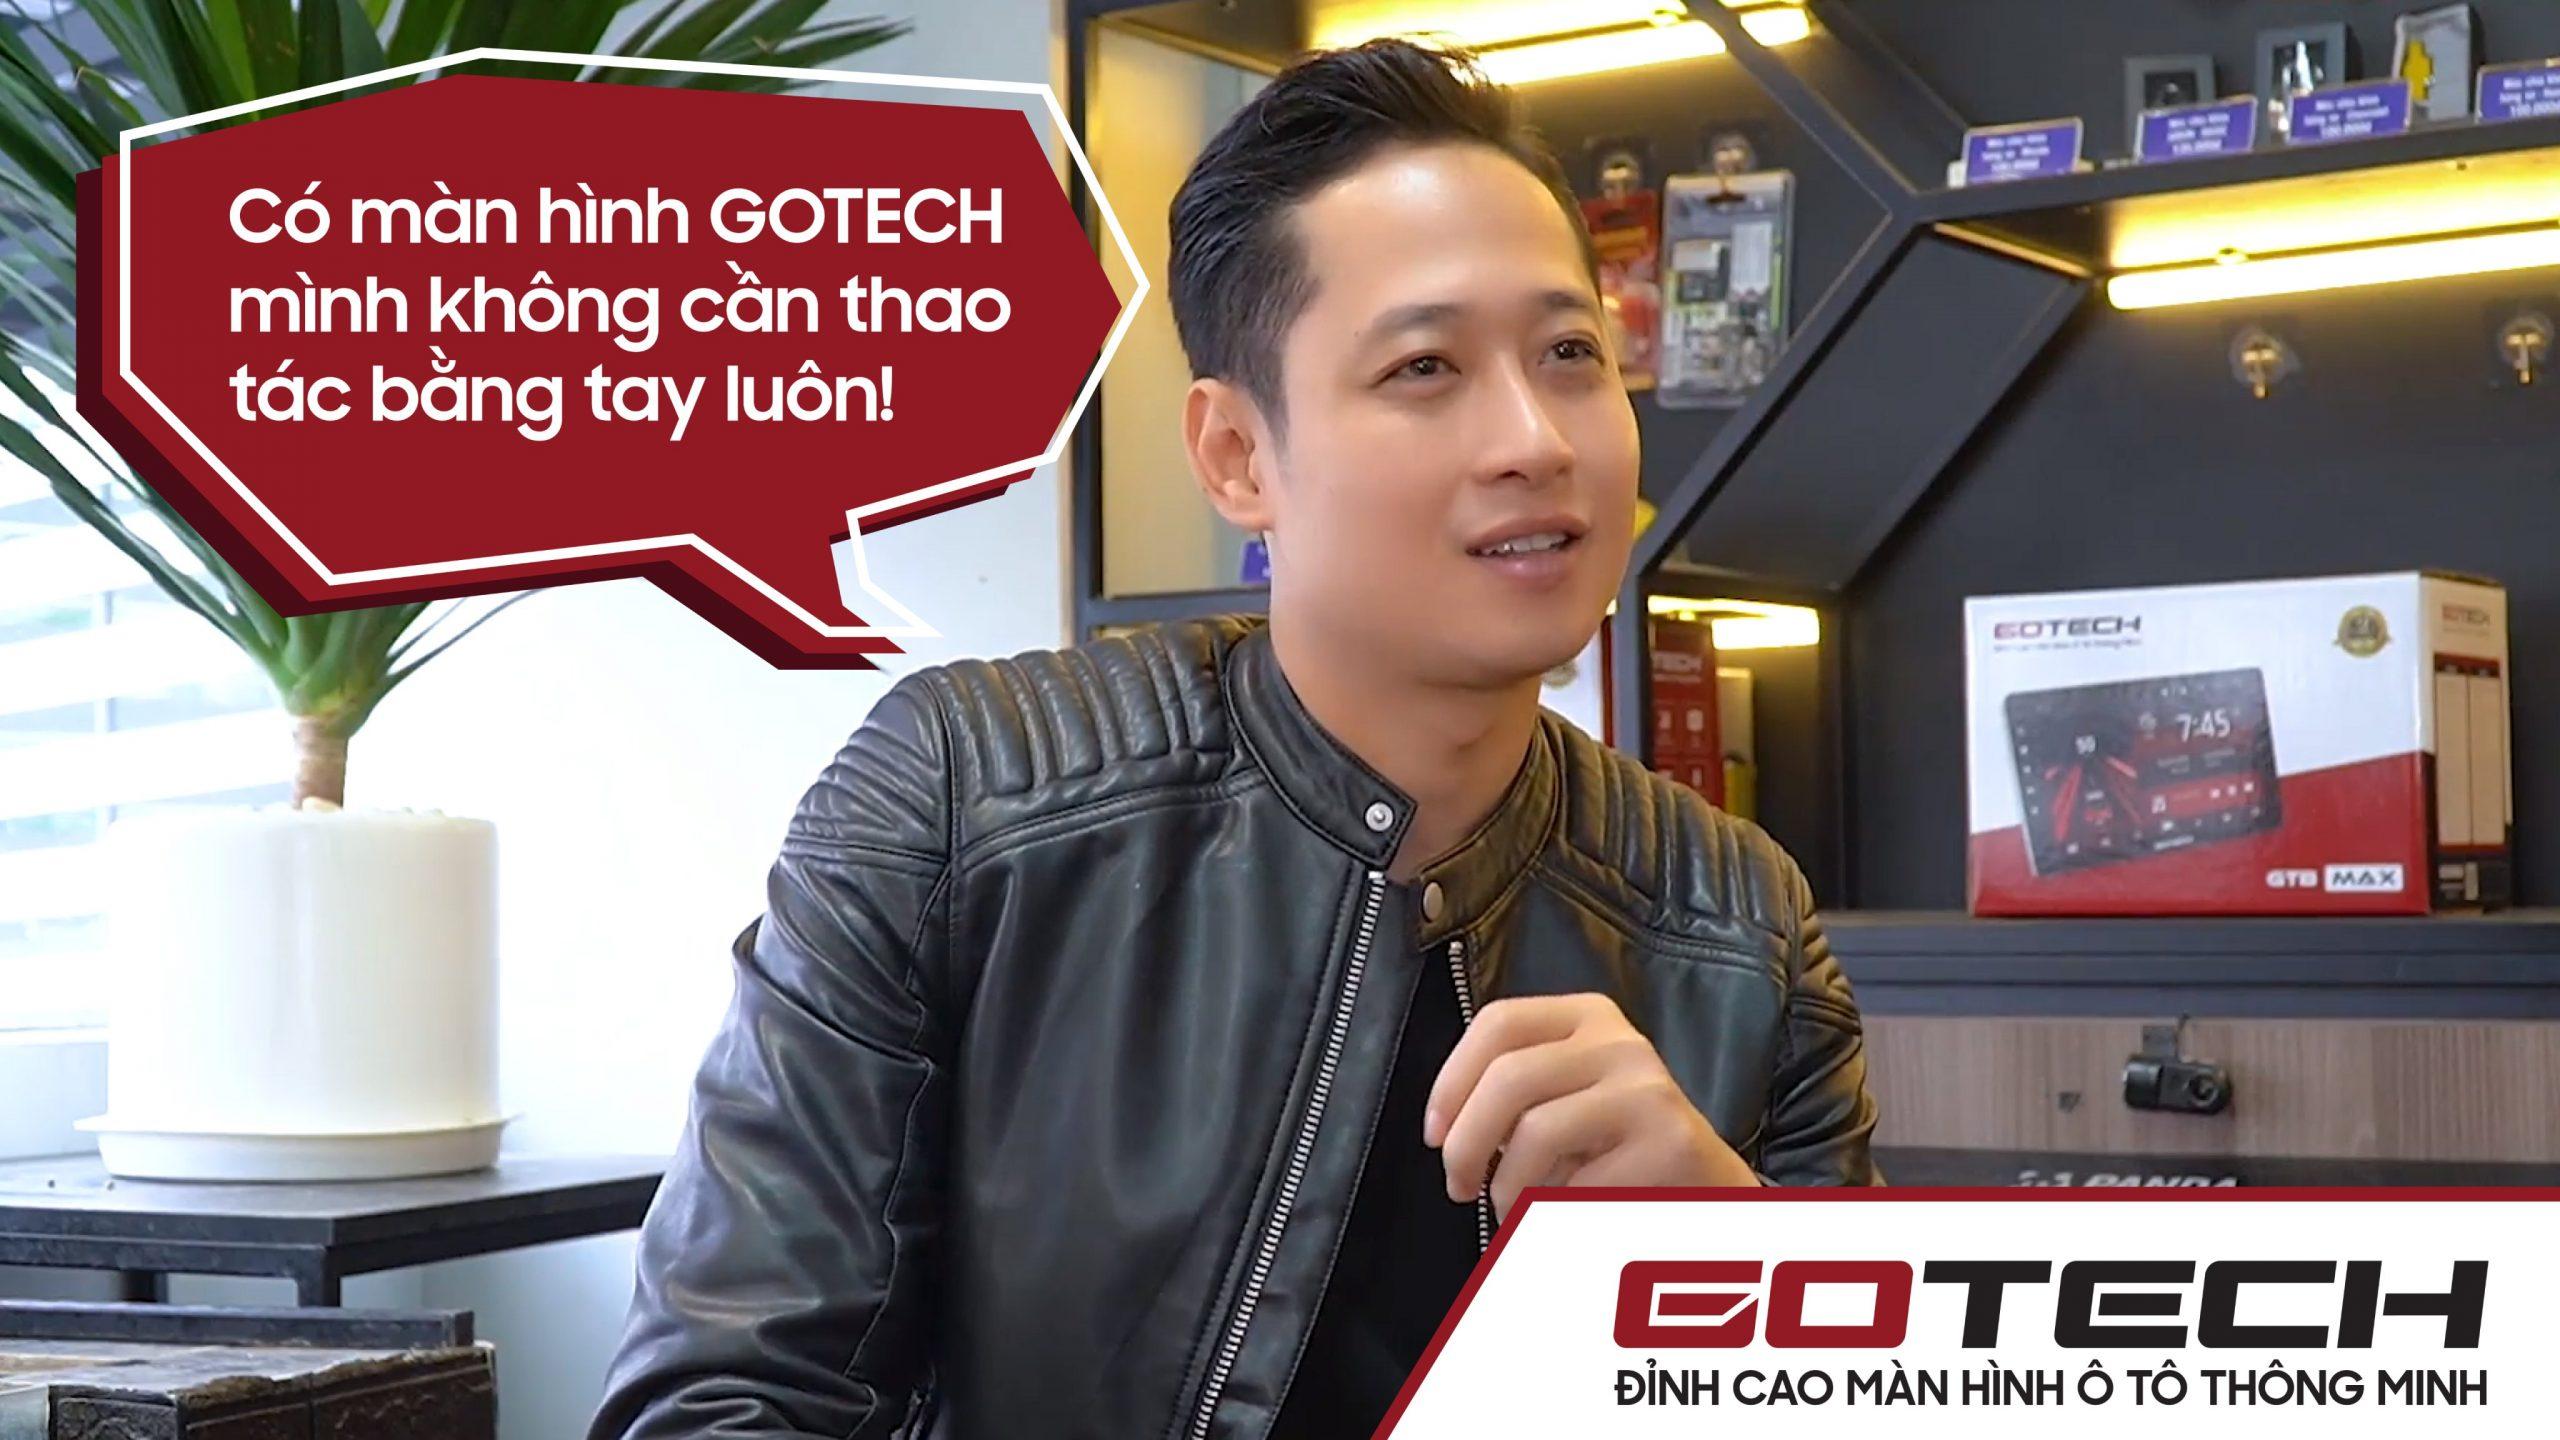 Diễn viên Mạnh Hưng cùng những SIÊU TIỆN ÍCH trên màn hình GOTECH